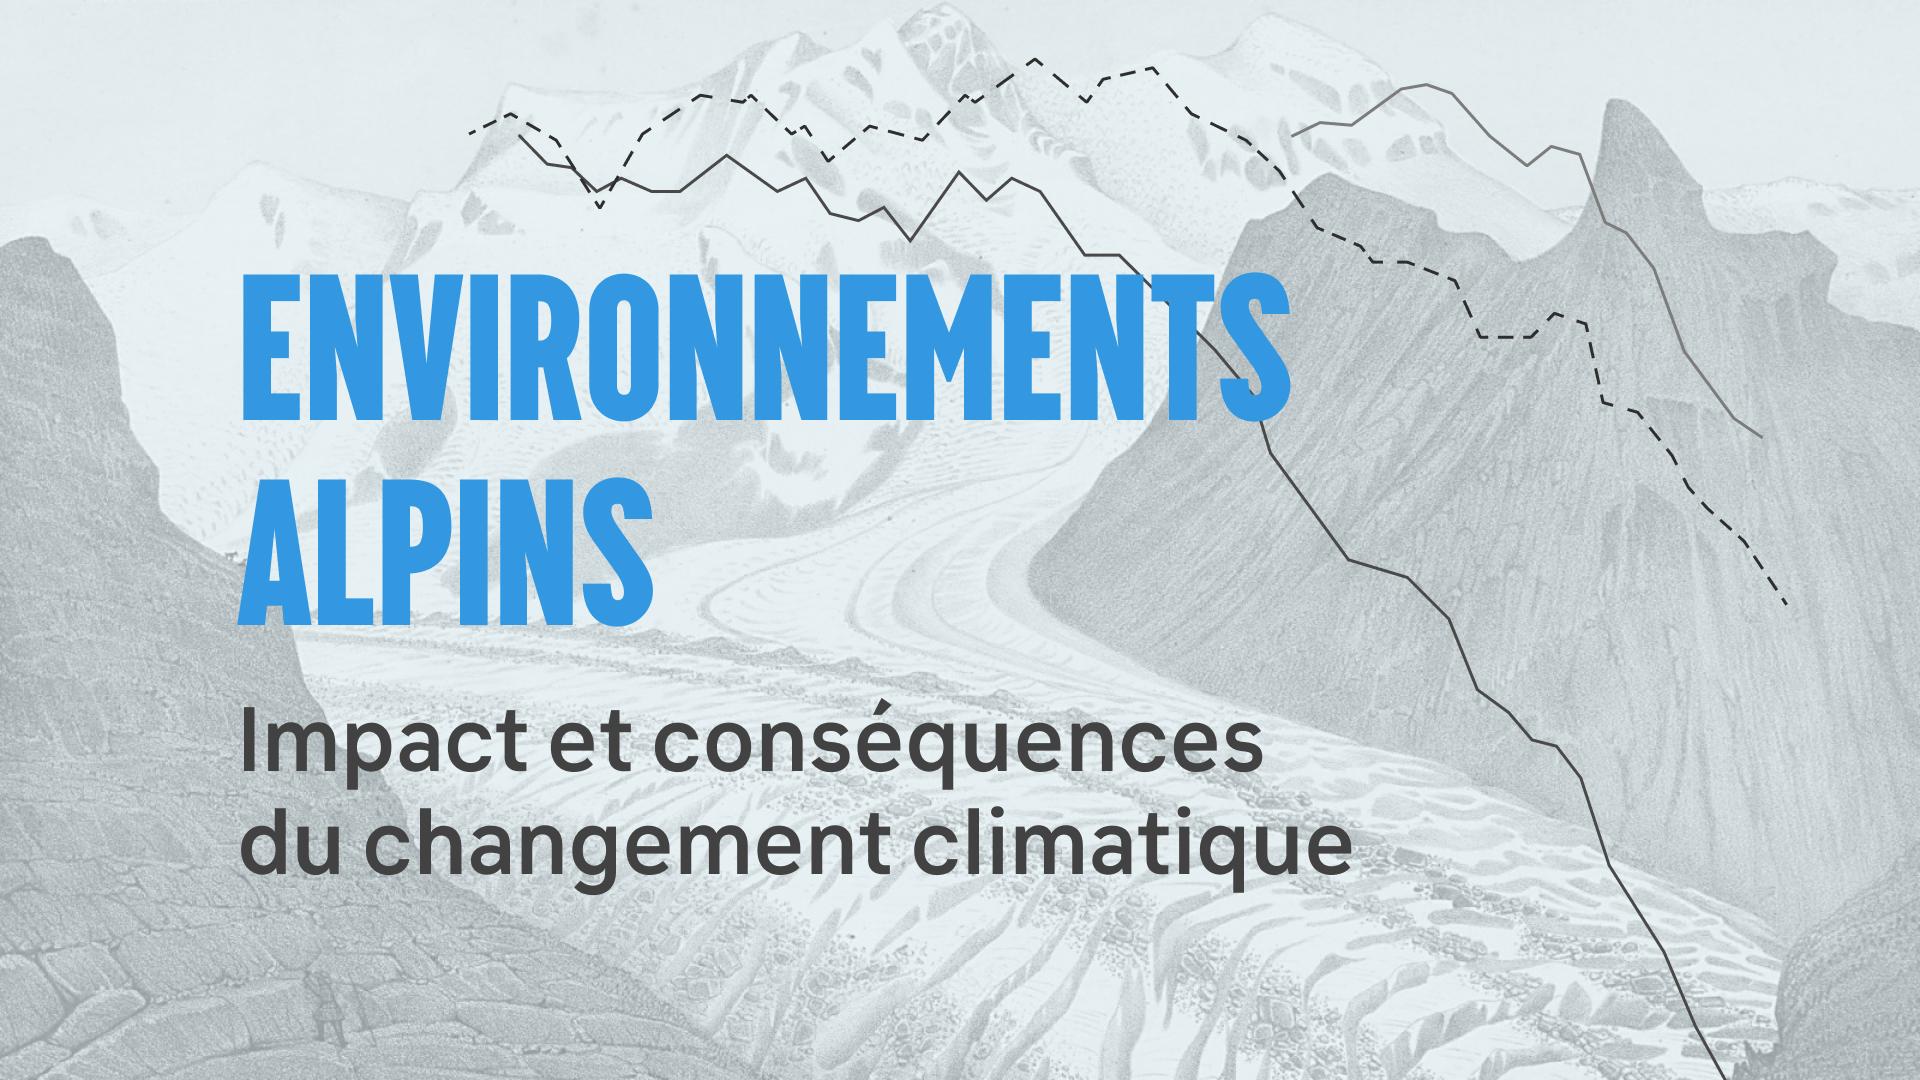 Impact et conséquences du changement climatique sur les environnements alpins